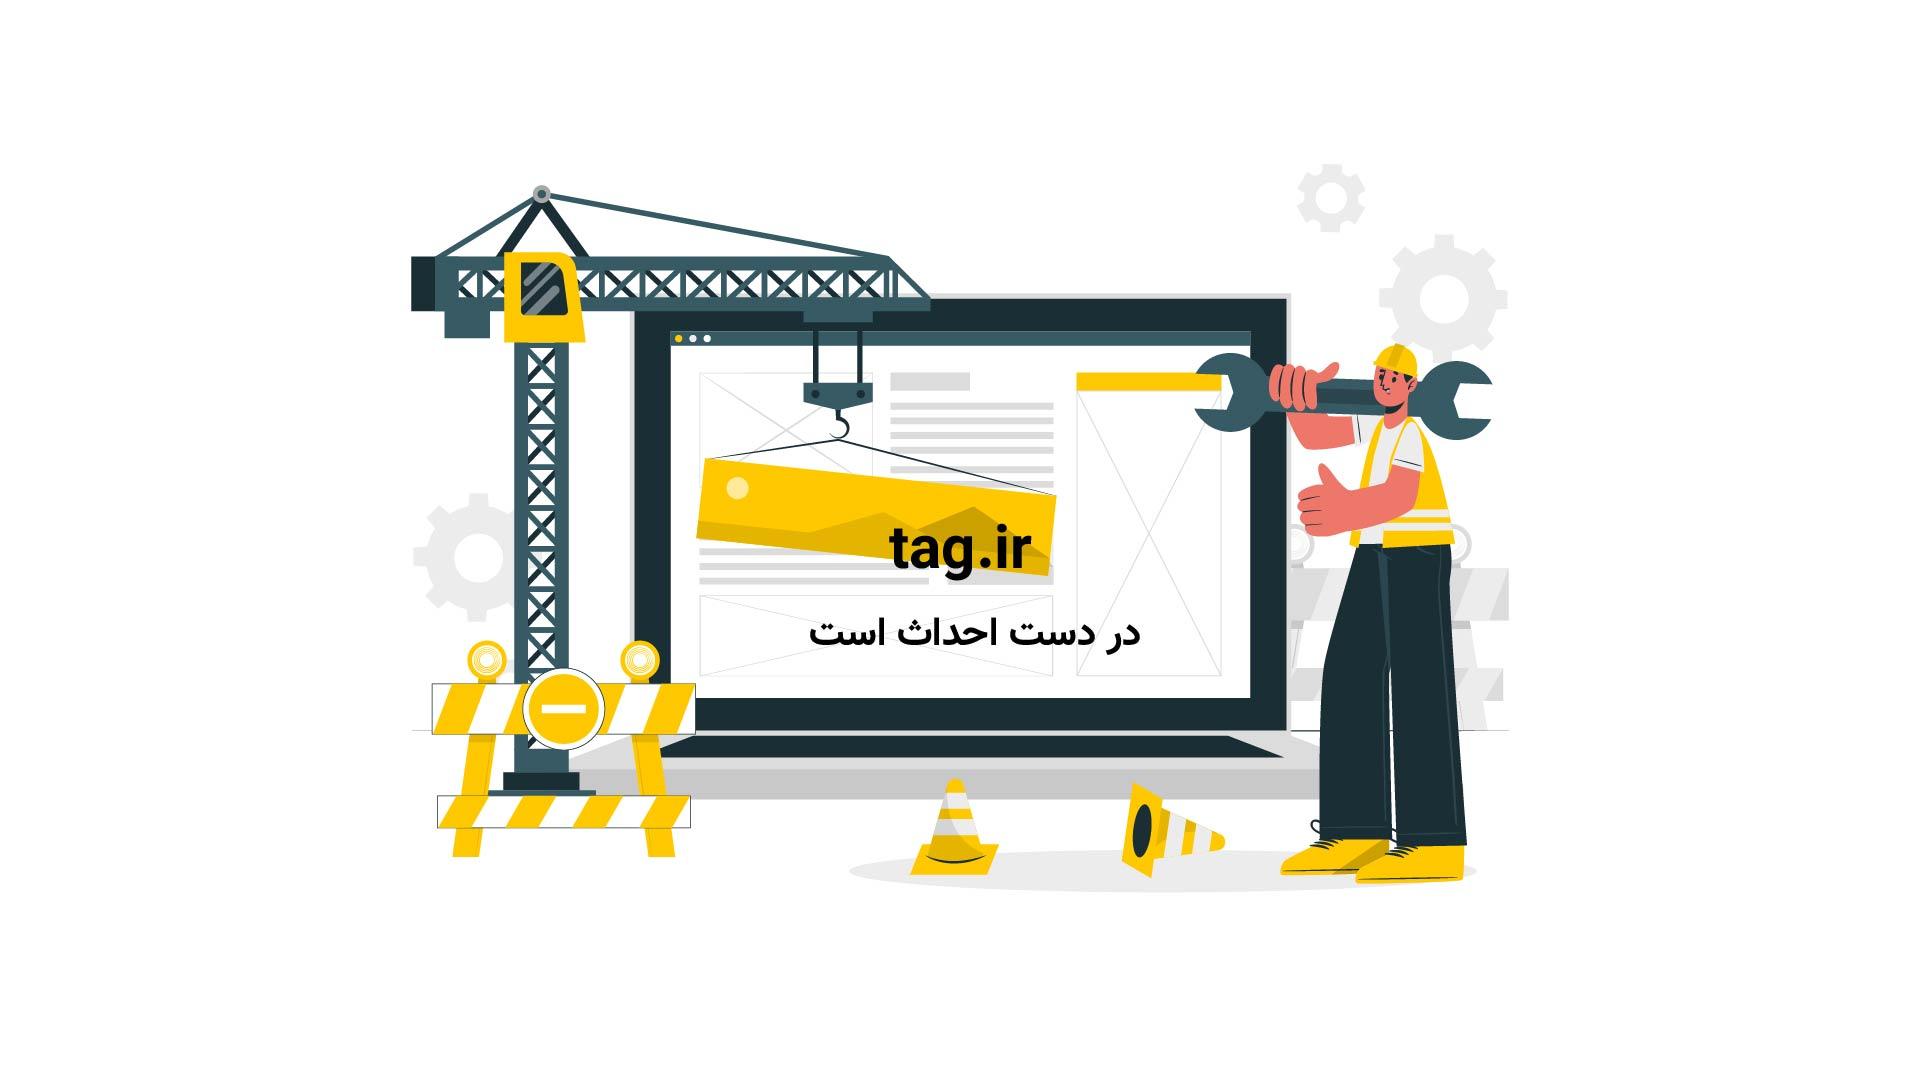 کودک ربوده شده در ورامین | تگ